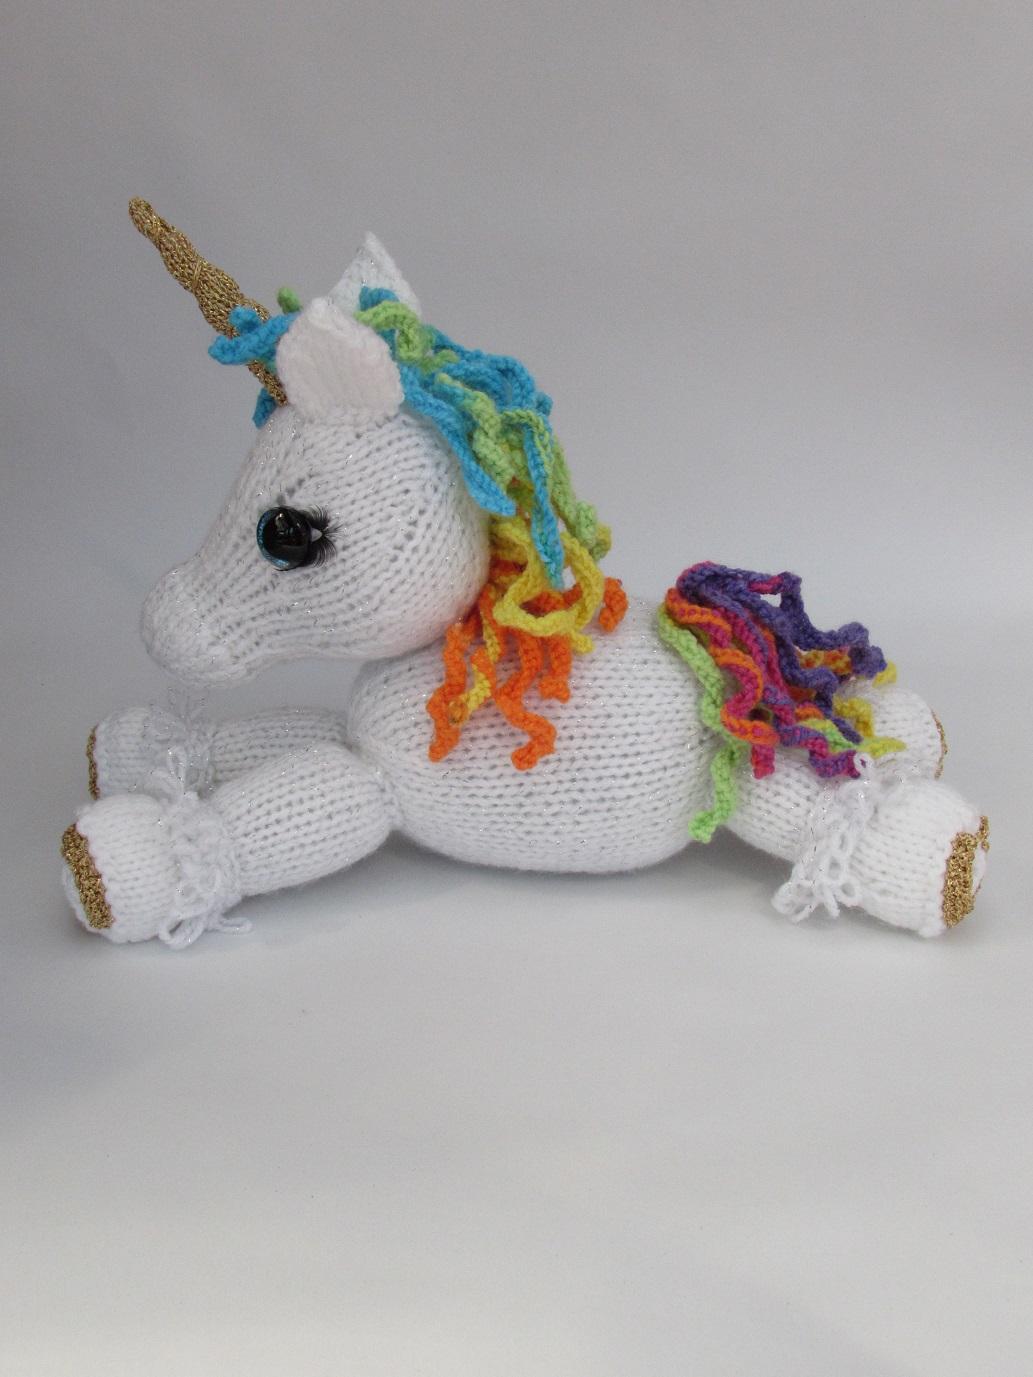 Knitting Patterns Toys Uk : Unicorn tea cosy knitting pattern